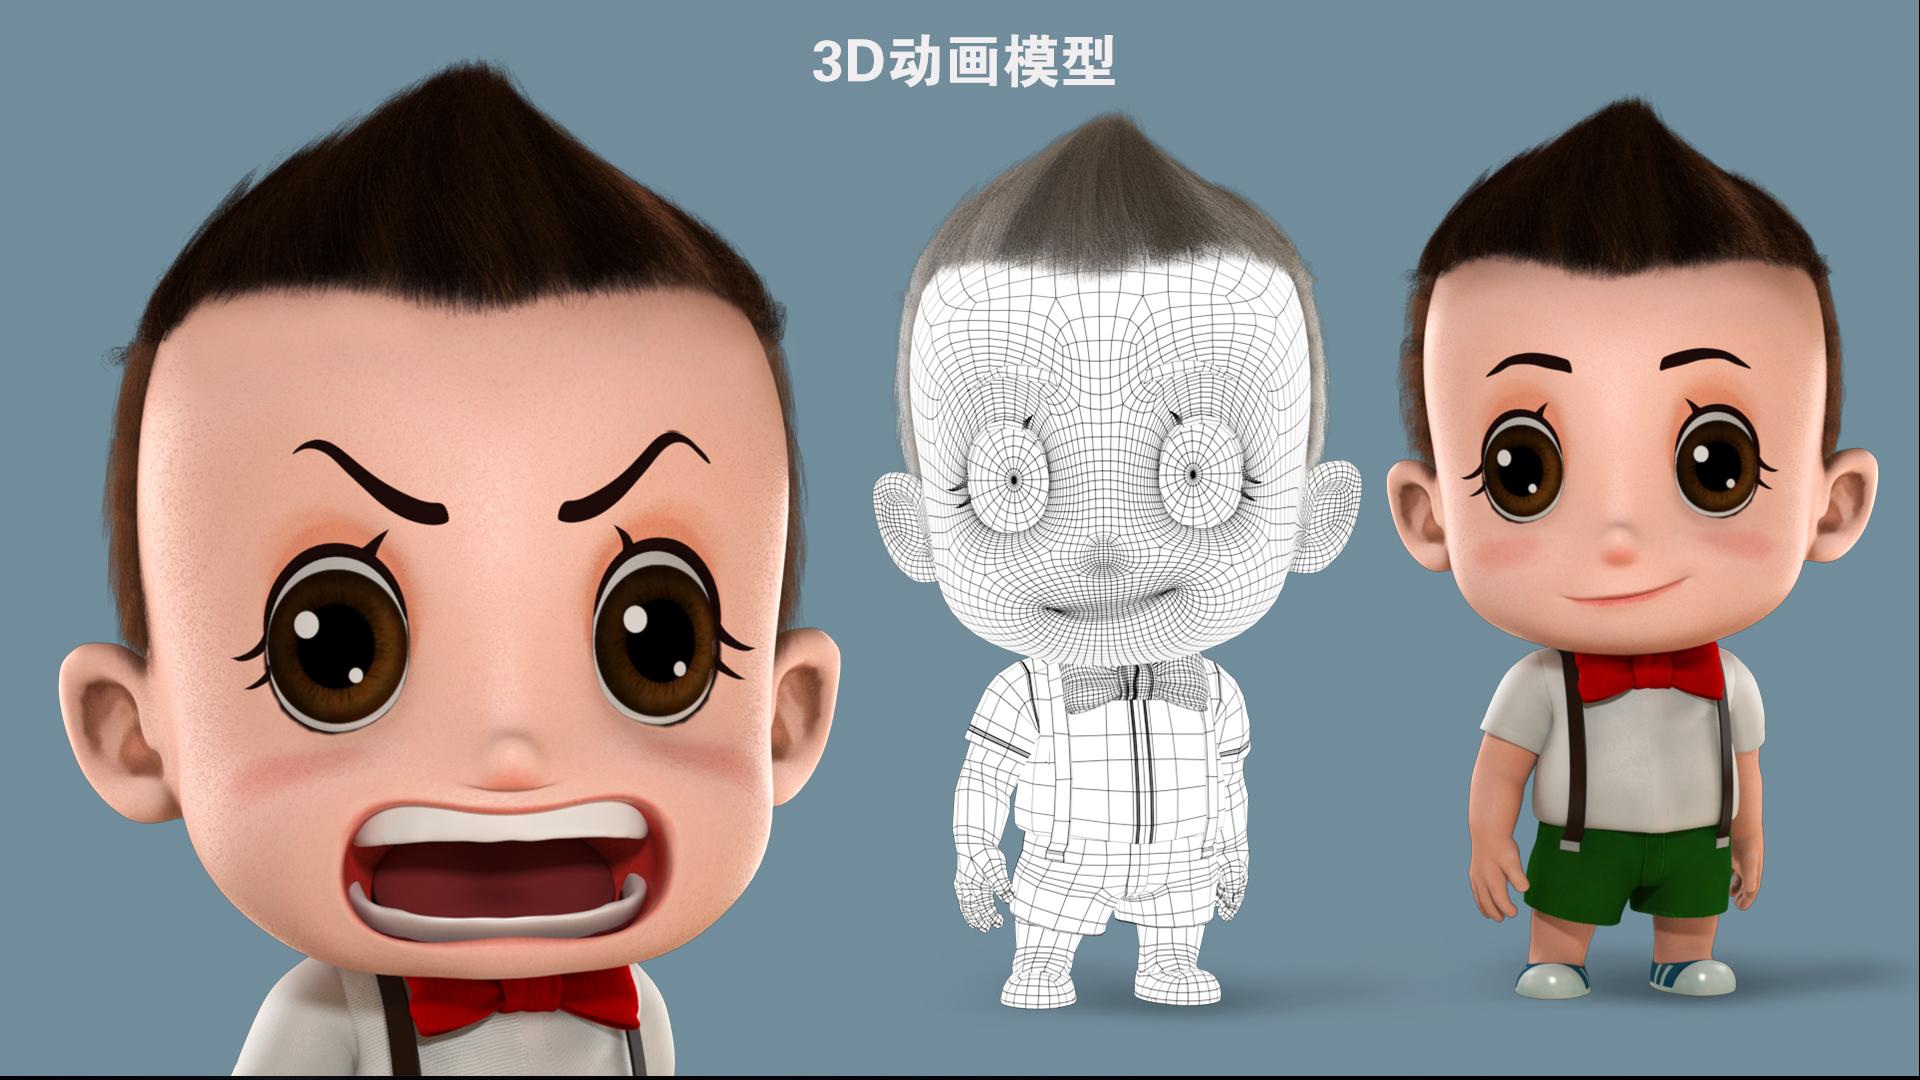 三维建模、3D建模、角色、场景、吉祥物、道具、定制模型制作